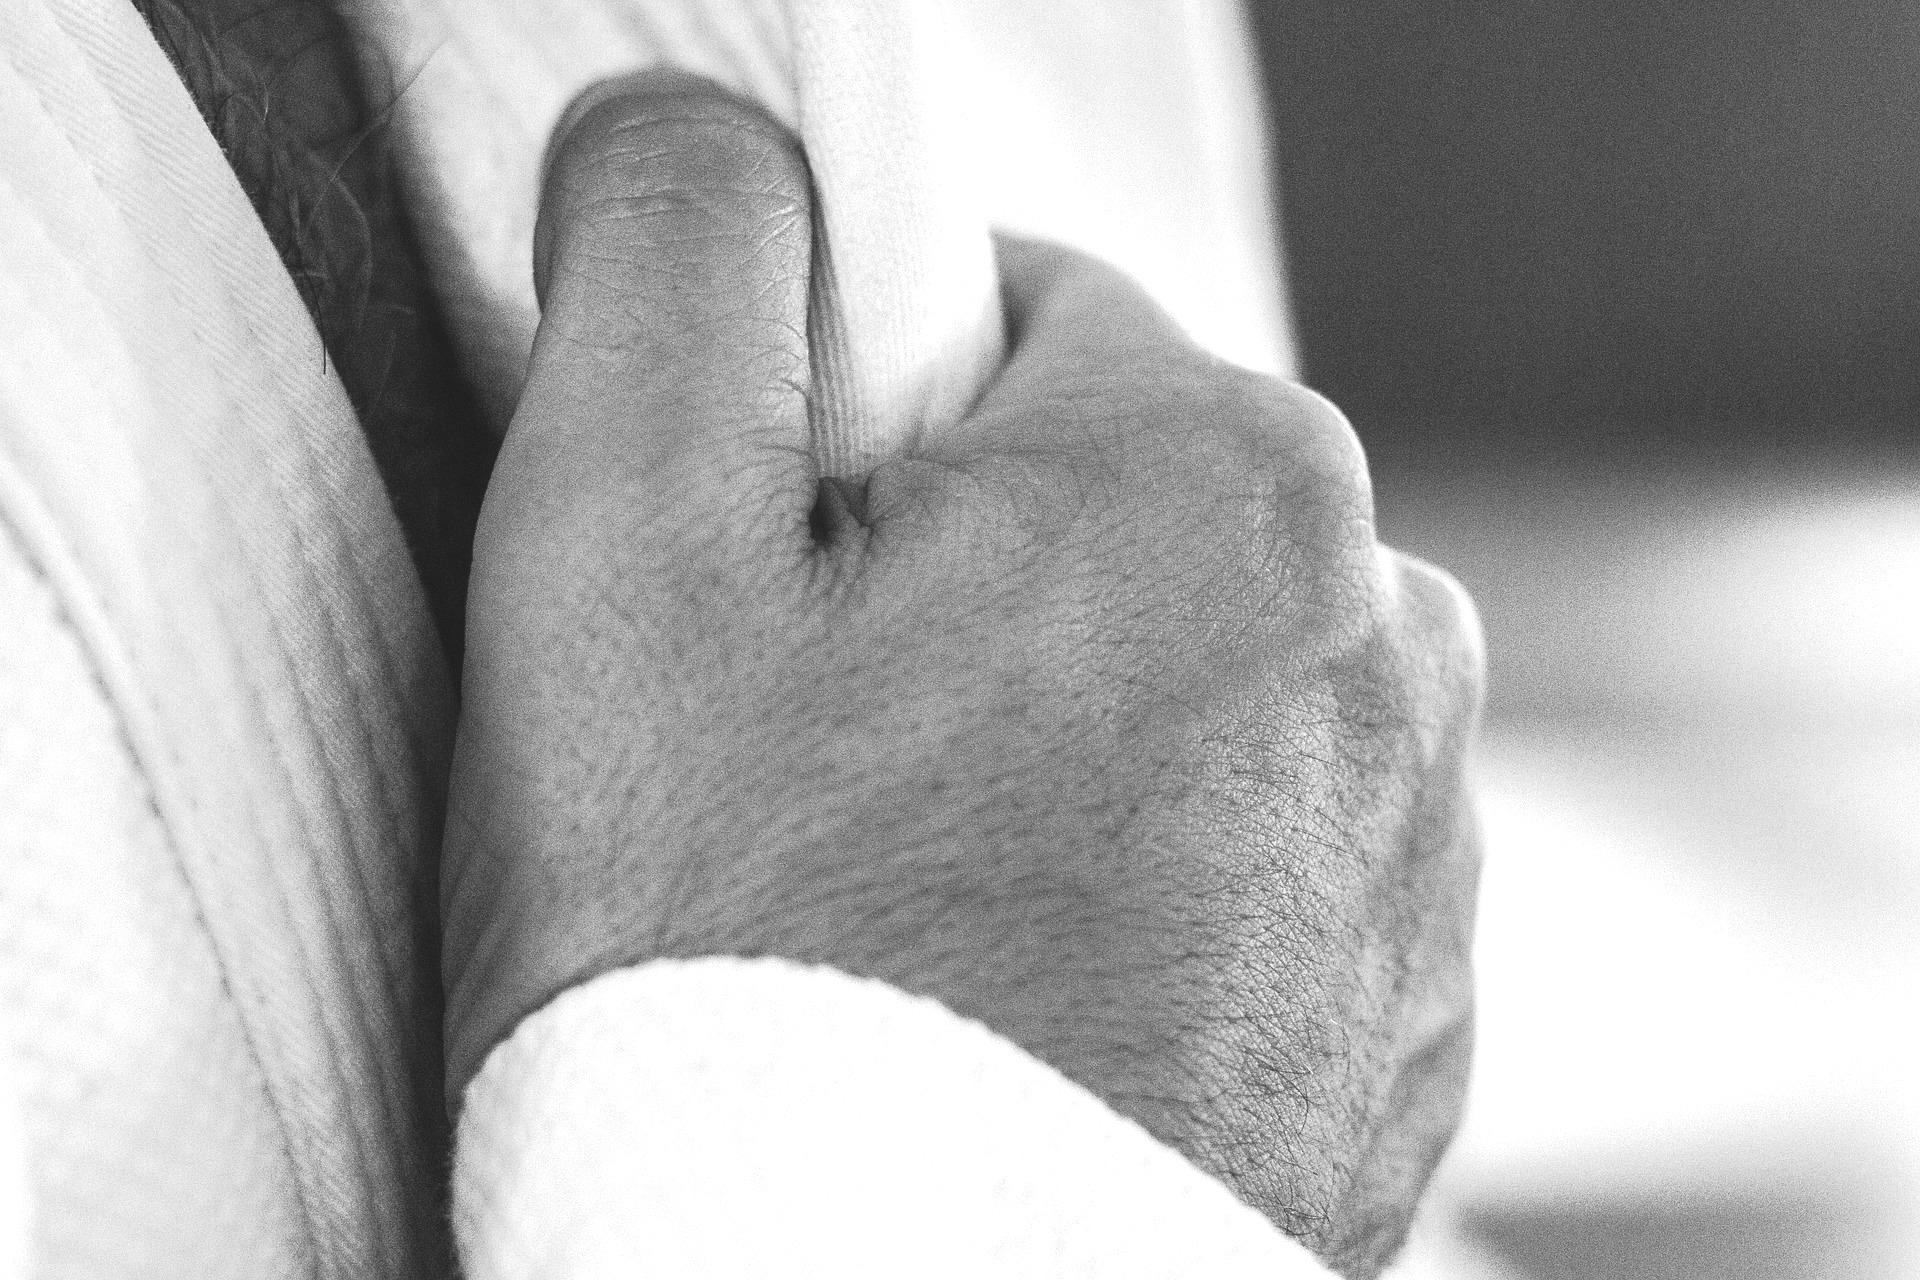 judo-2121655_1920BN